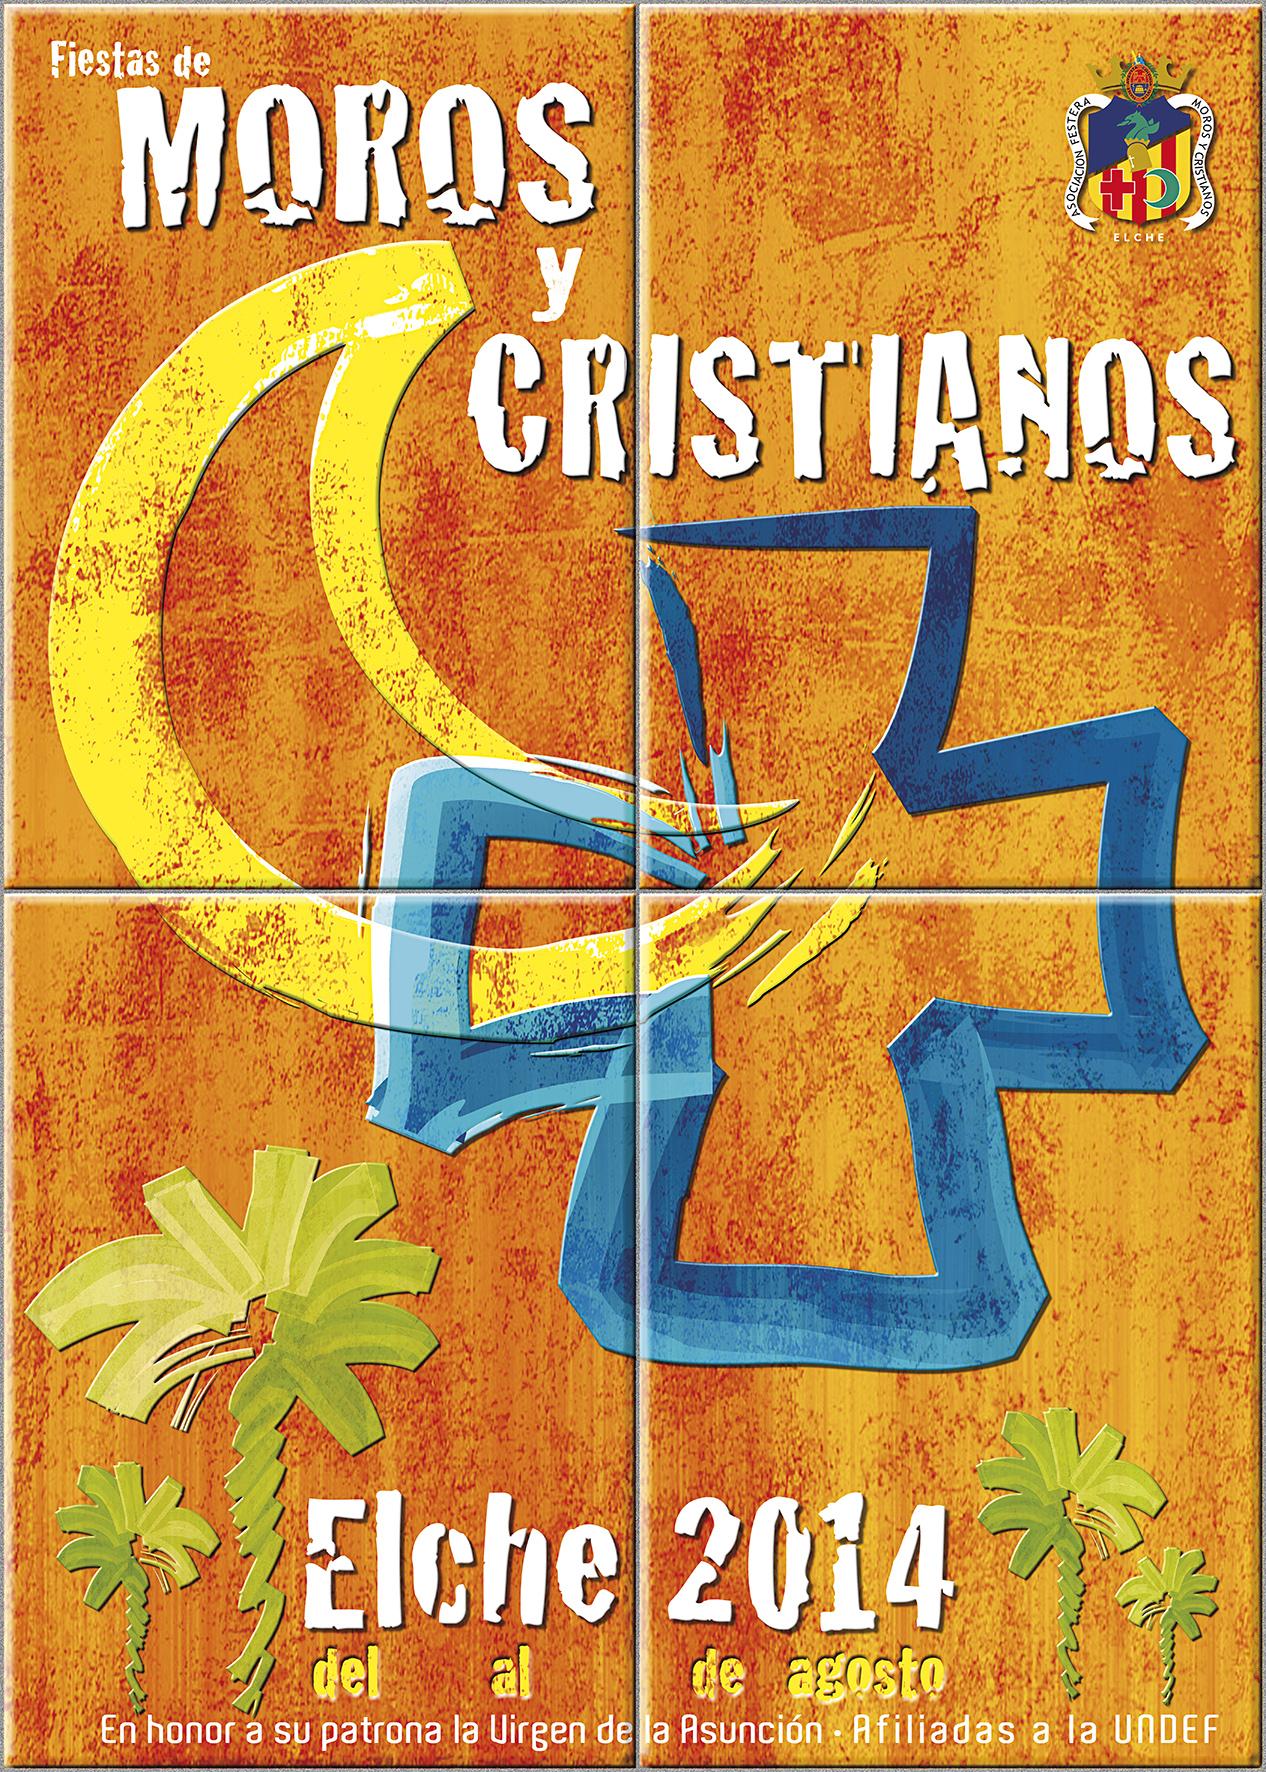 Cartel ganador Moros y Cristianos Elche 2014. Autor: Vicente Javier Poveda